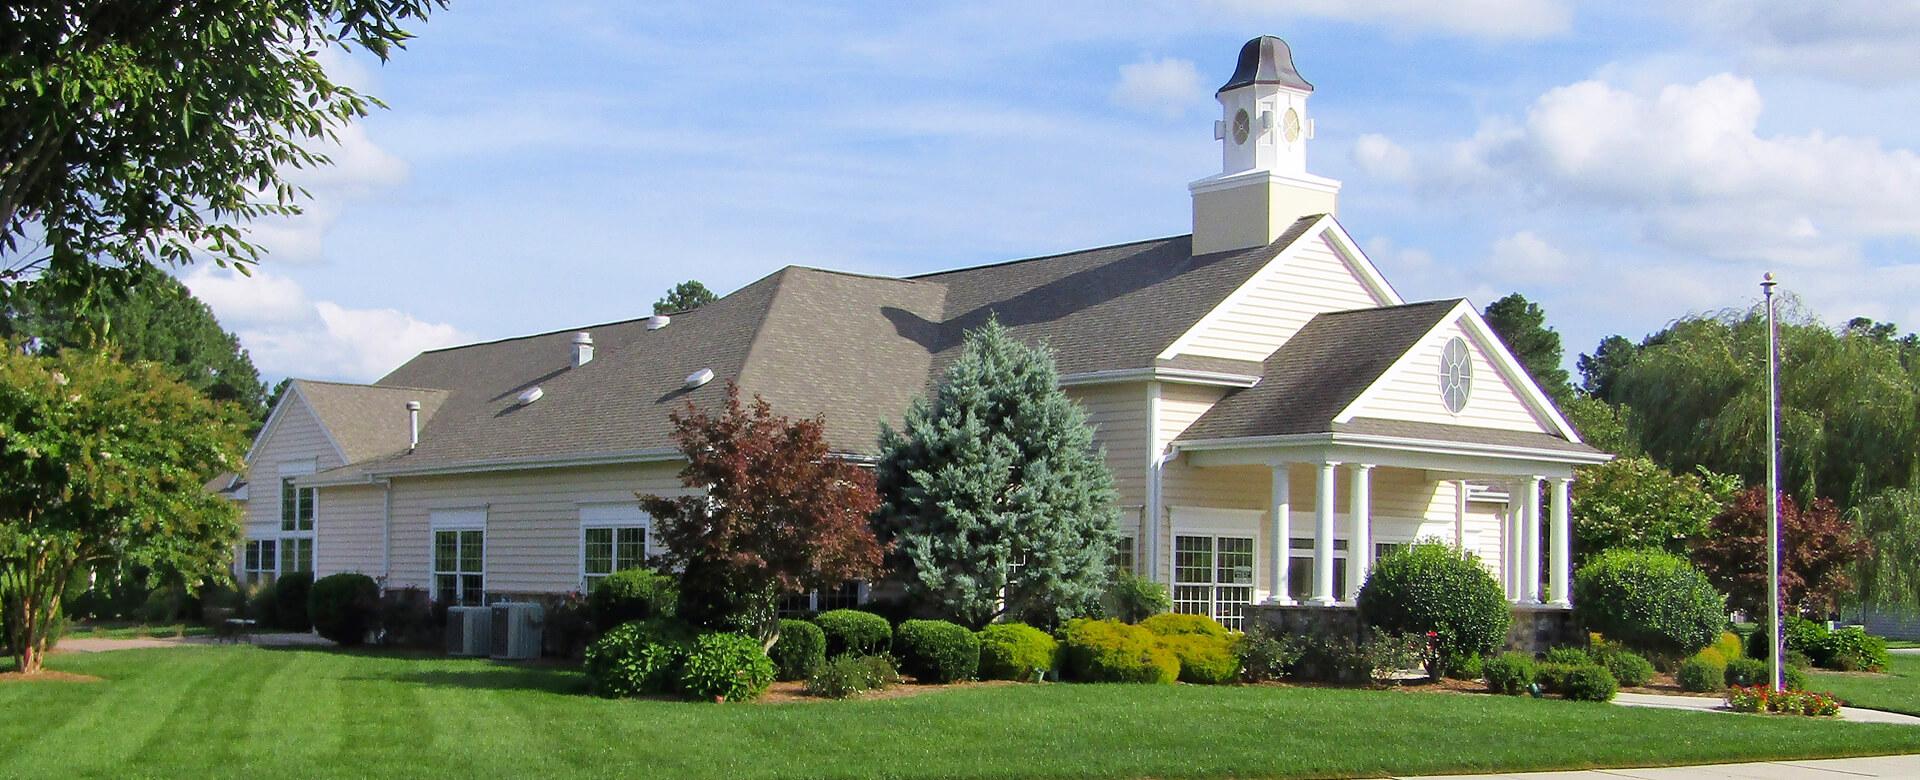 An active adult condominium community